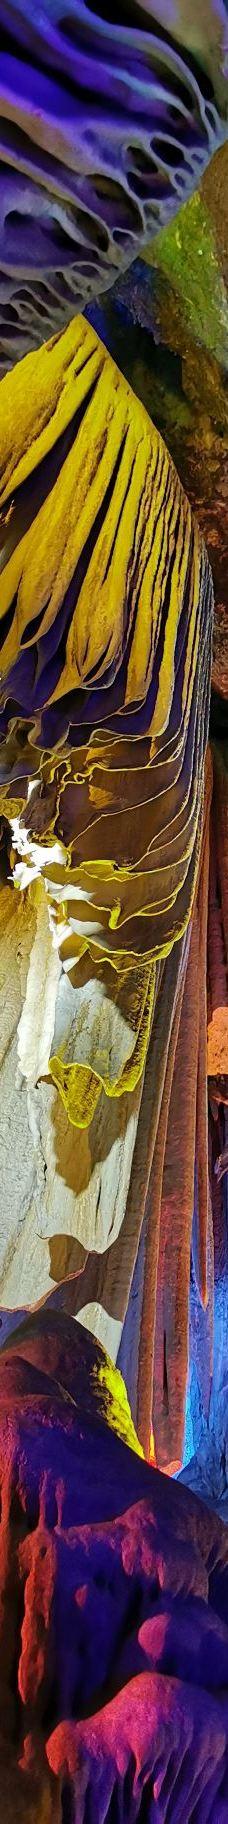 鸡冠洞-栾川